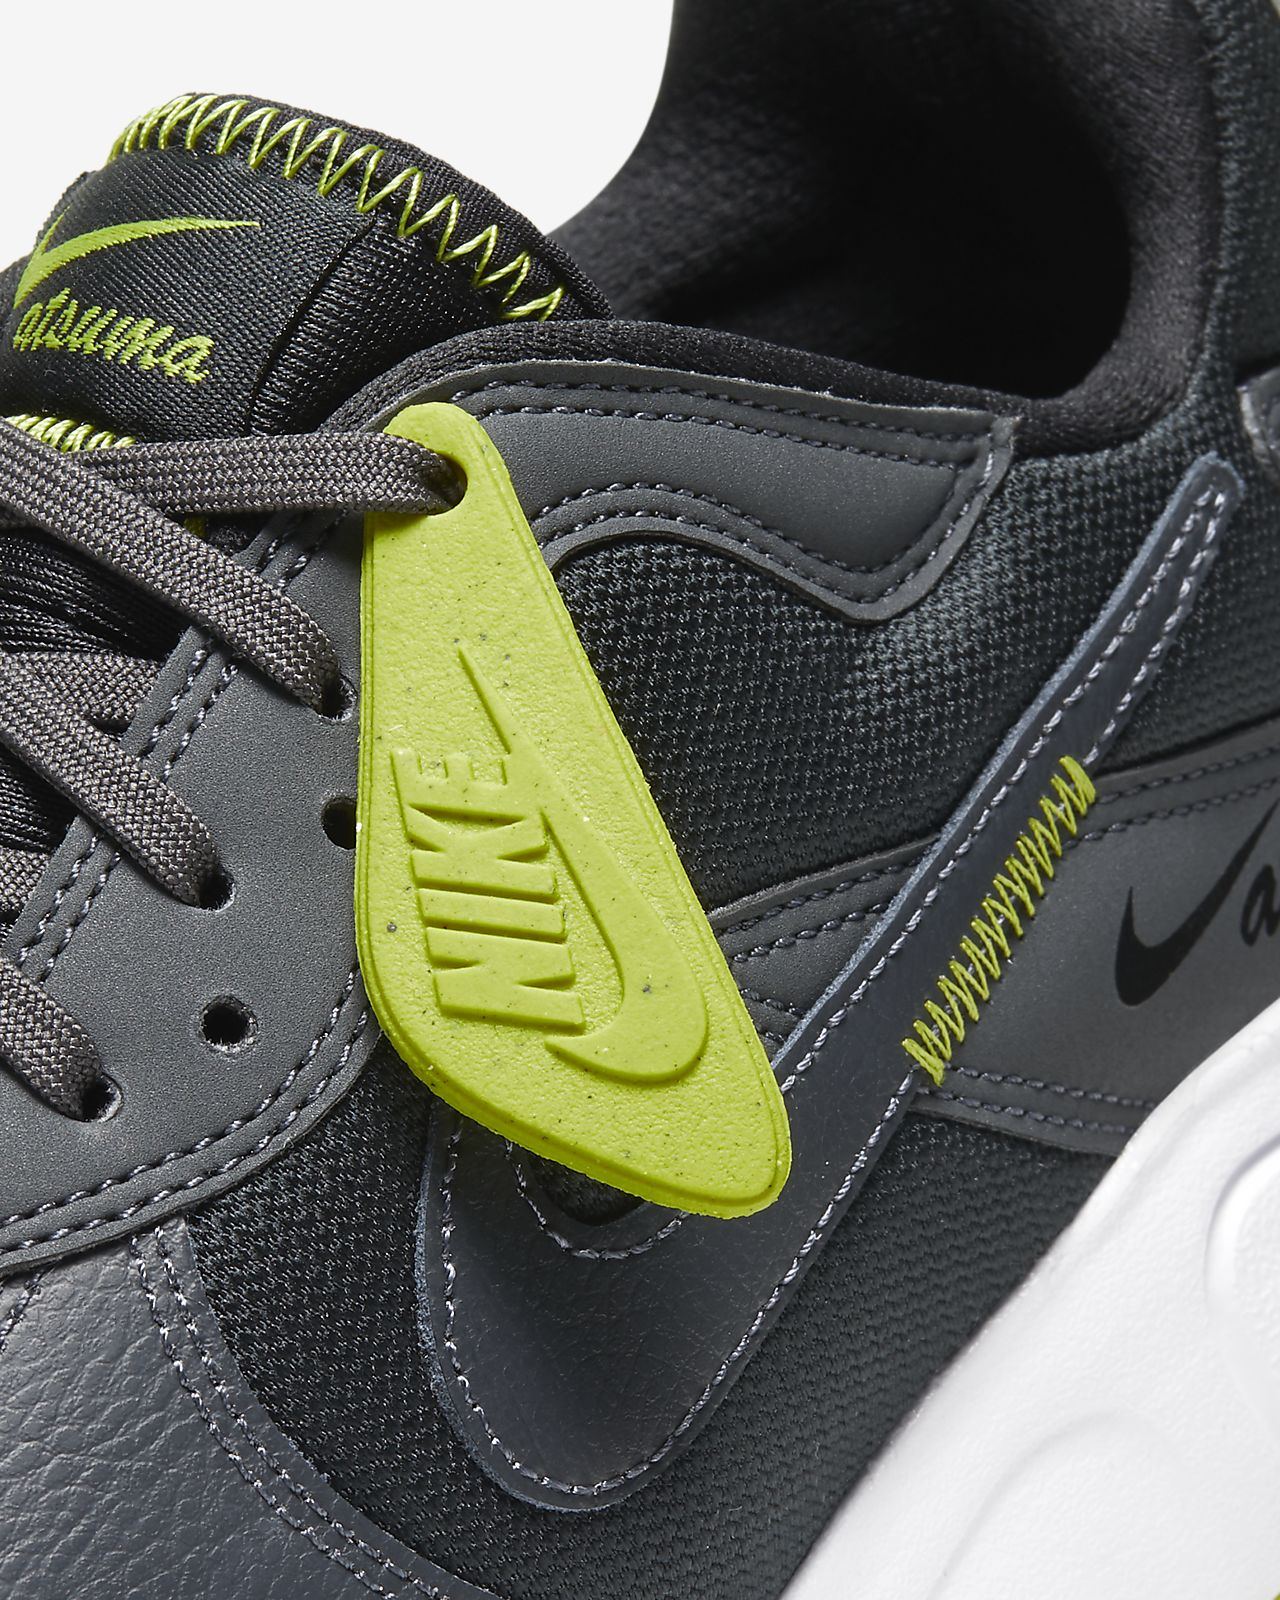 Sko Nike Ebernon Mid Winter för män. Nike SE